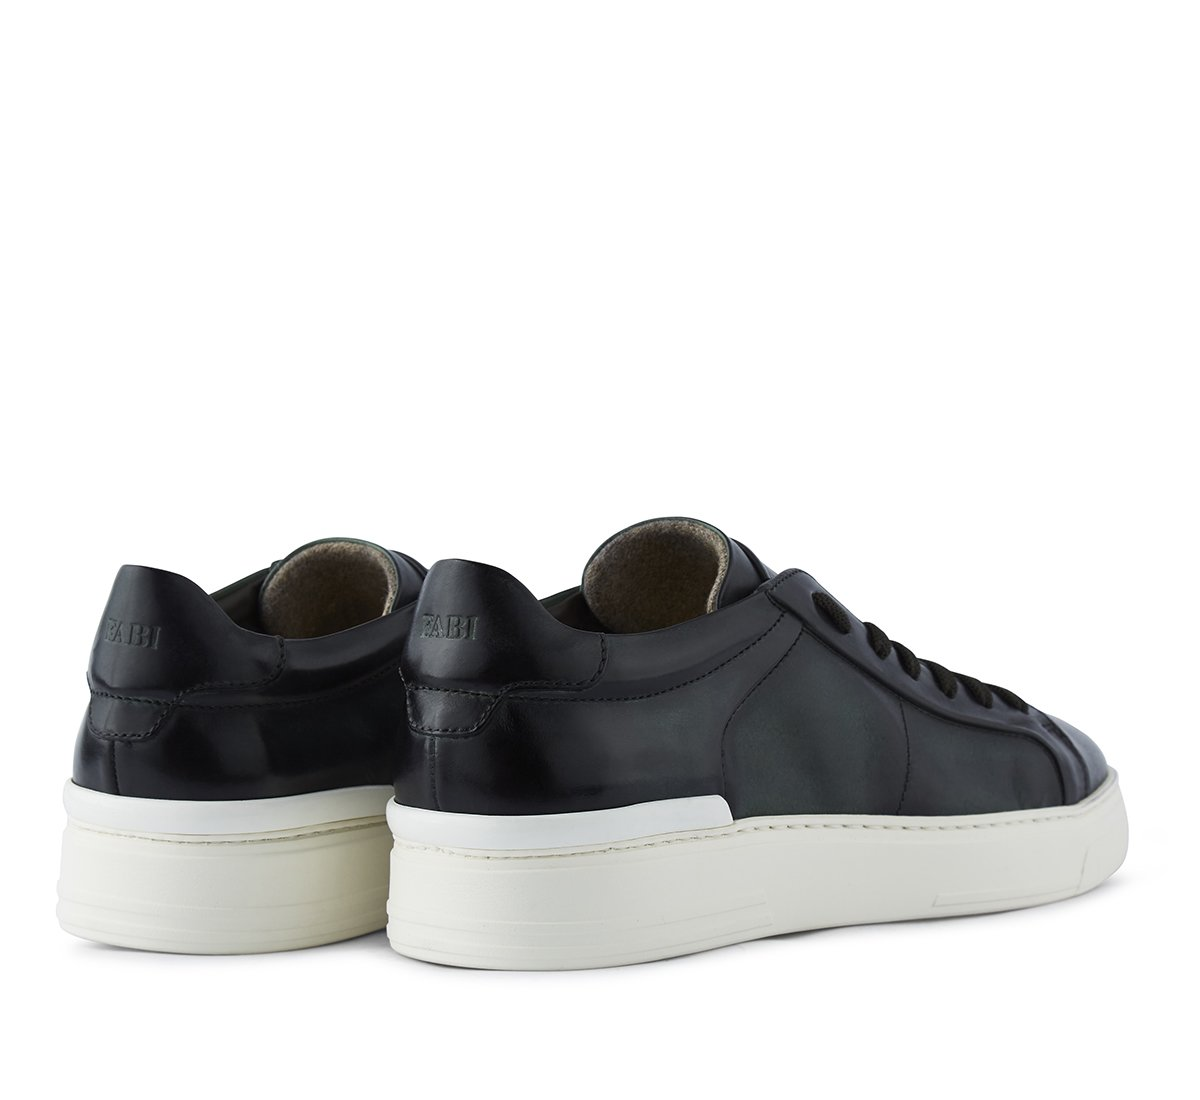 Sneaker Fabi Challenge